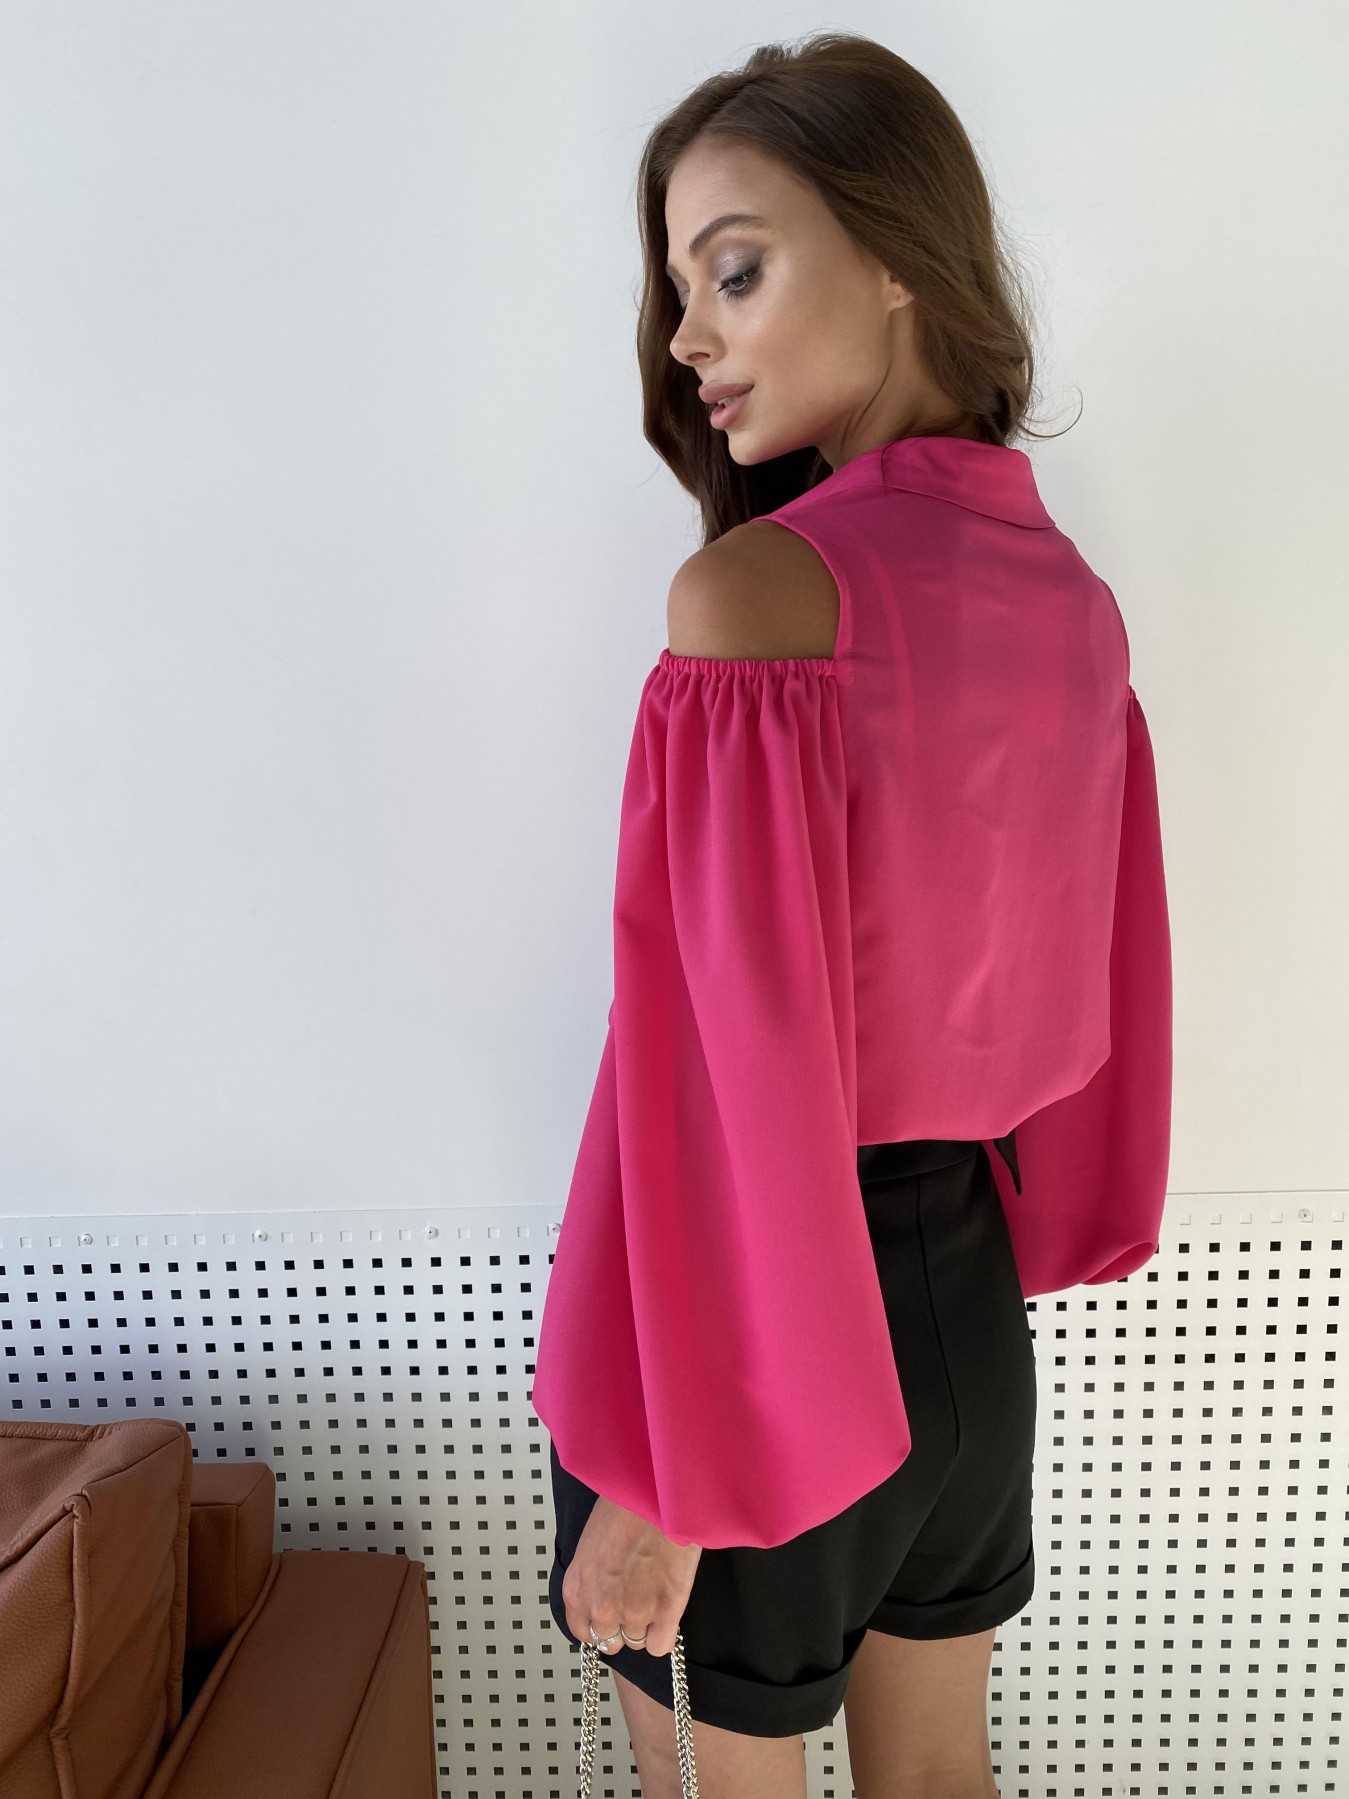 Адель блуза из креп креш шифона 11657 АРТ. 48372 Цвет: Малиновый - фото 7, интернет магазин tm-modus.ru